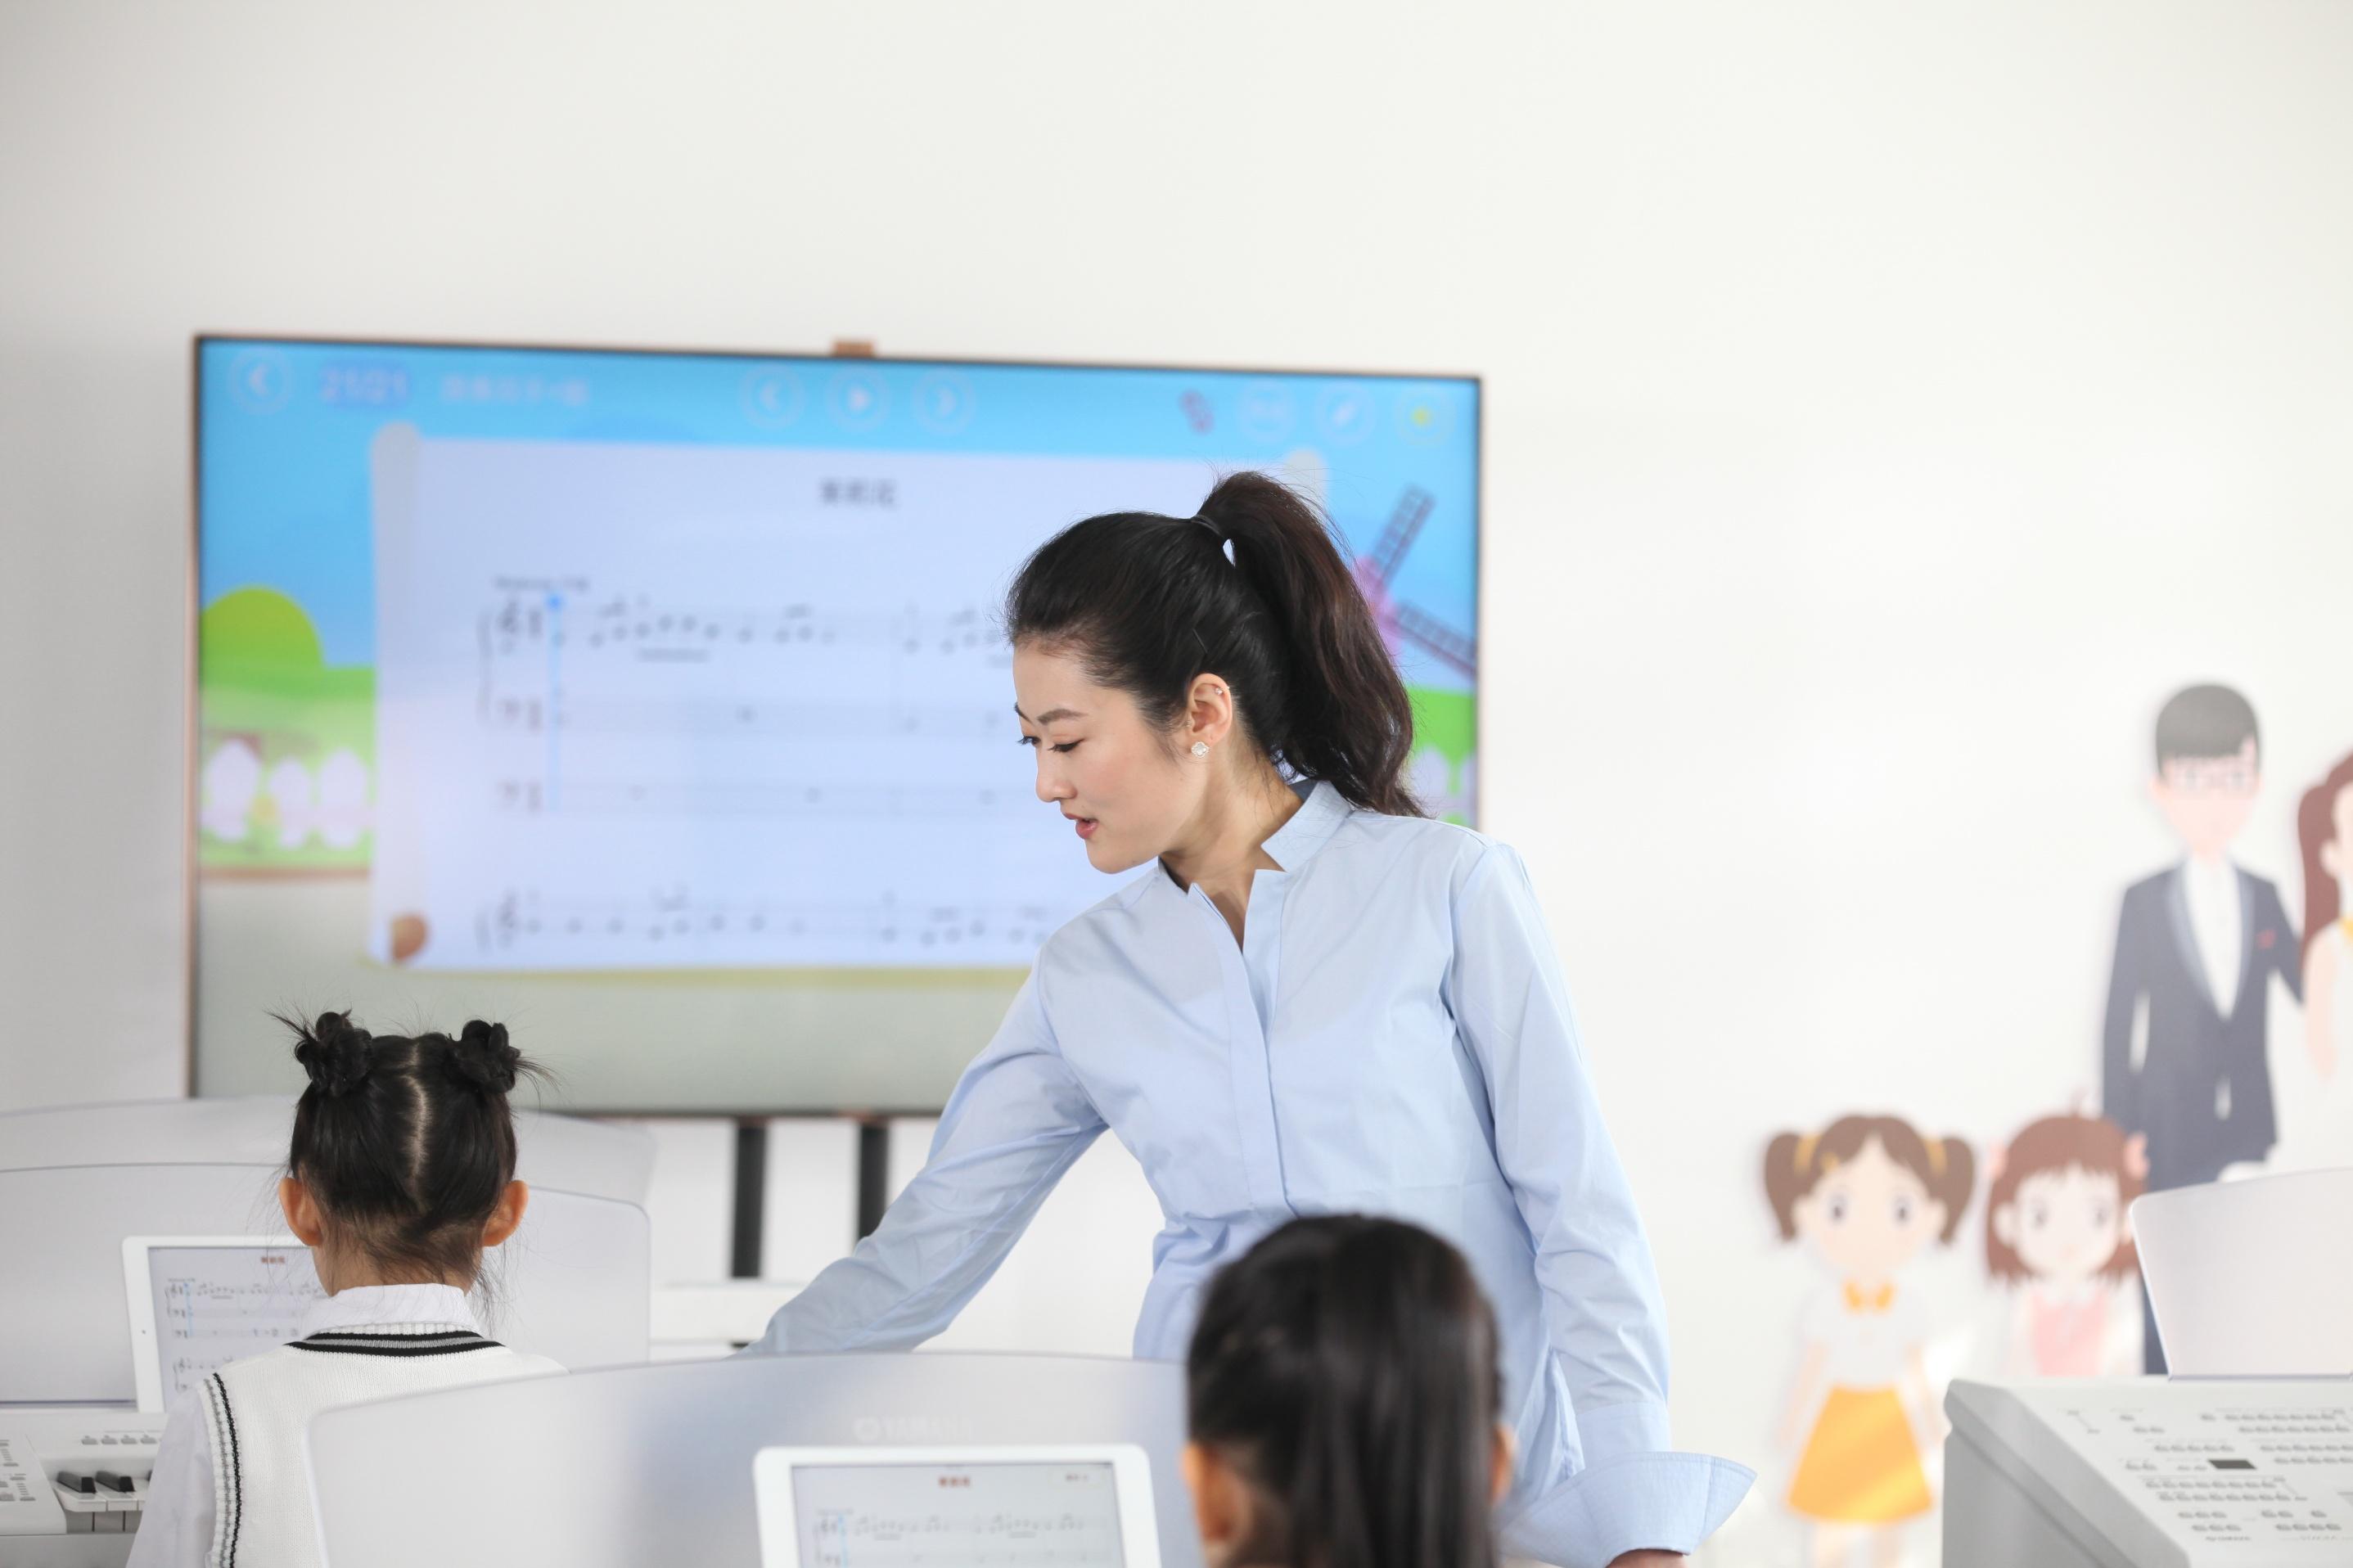 孩子刚开始学琴,家长应该如何选择老师